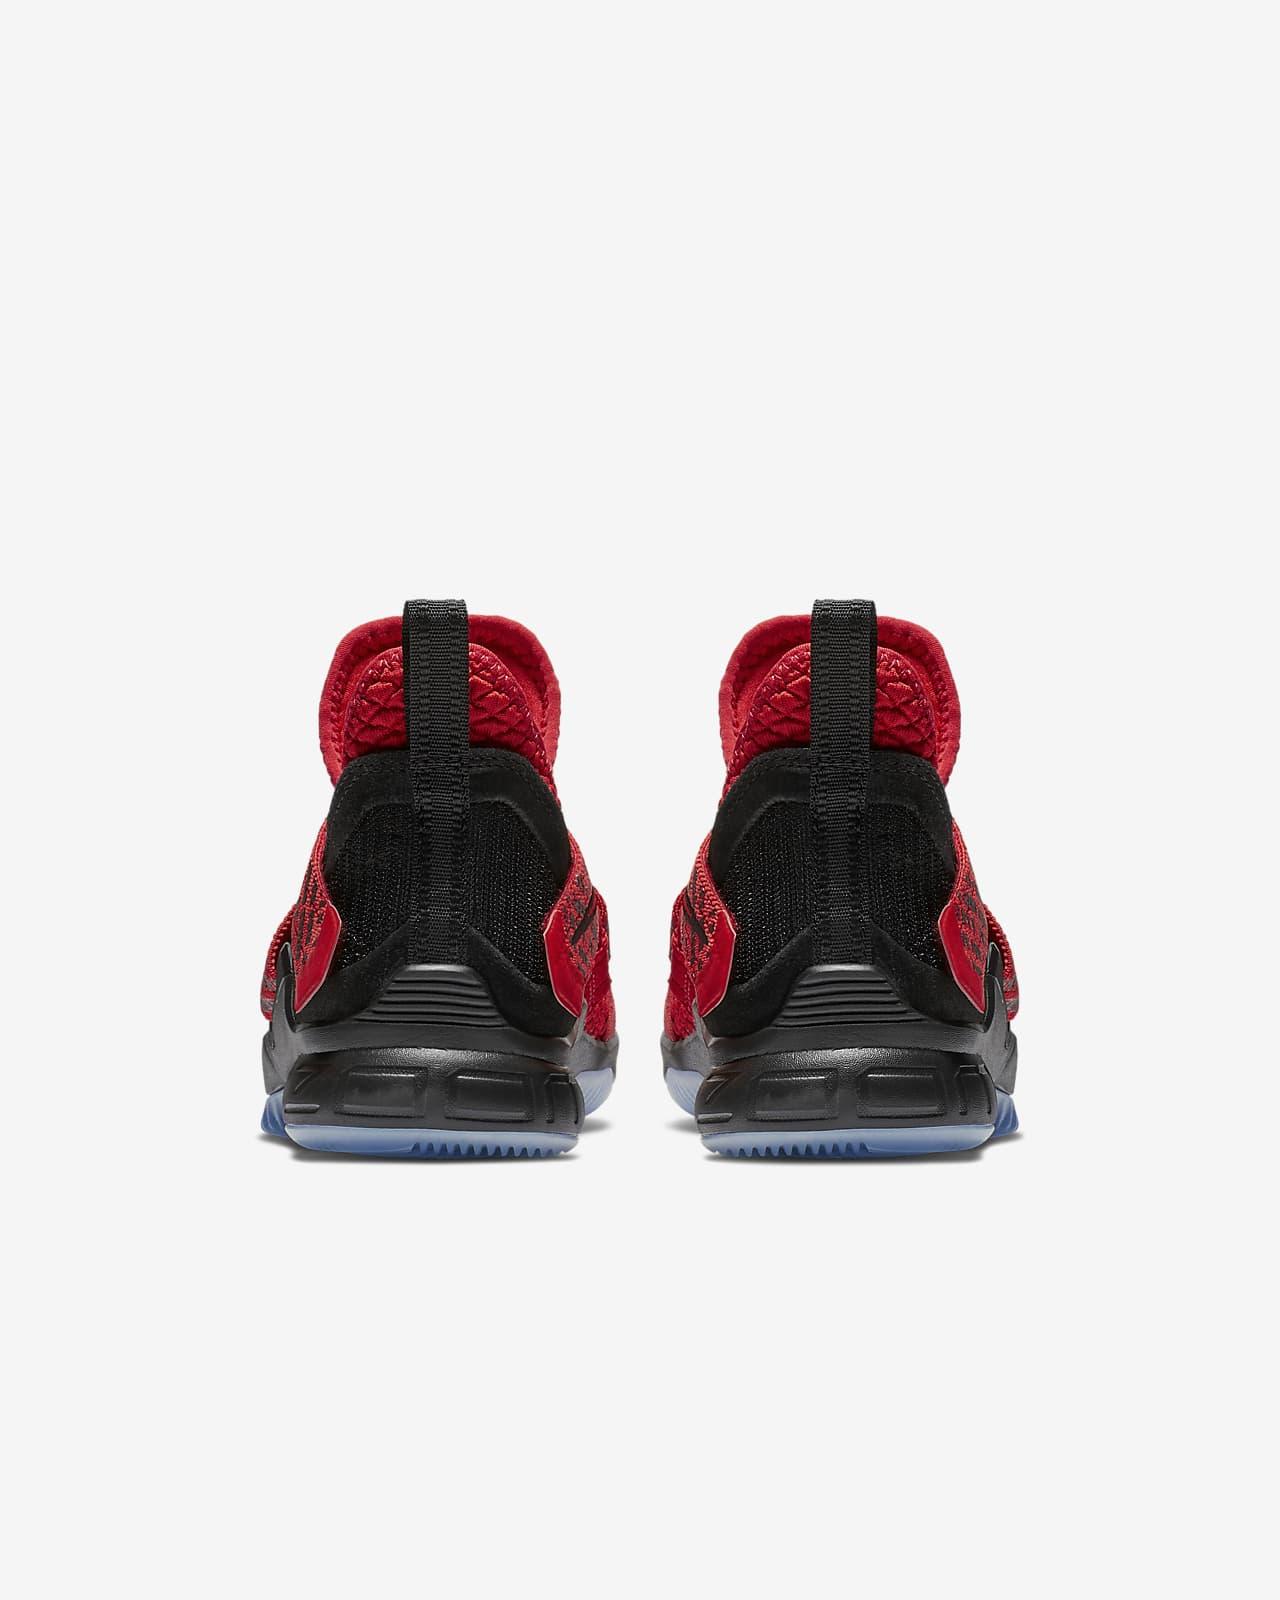 Pelágico Bigote Estragos  LeBron Soldier XII Big Kids' Basketball Shoe. Nike.com